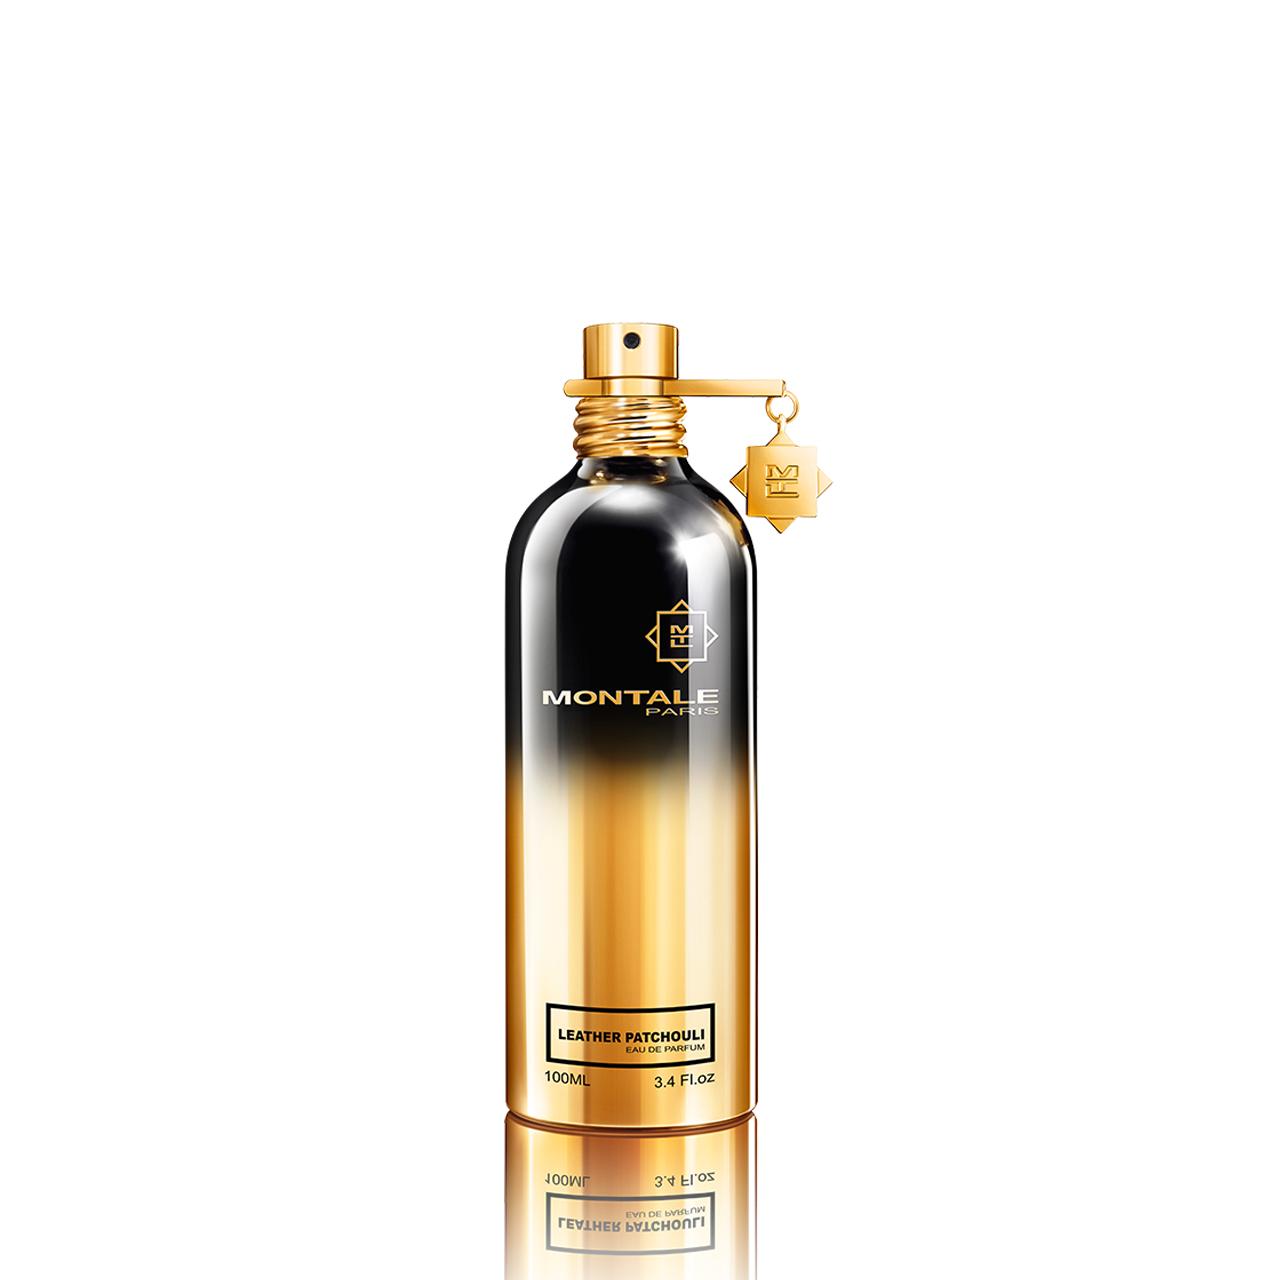 Leather Patchouli - Eau de Parfum